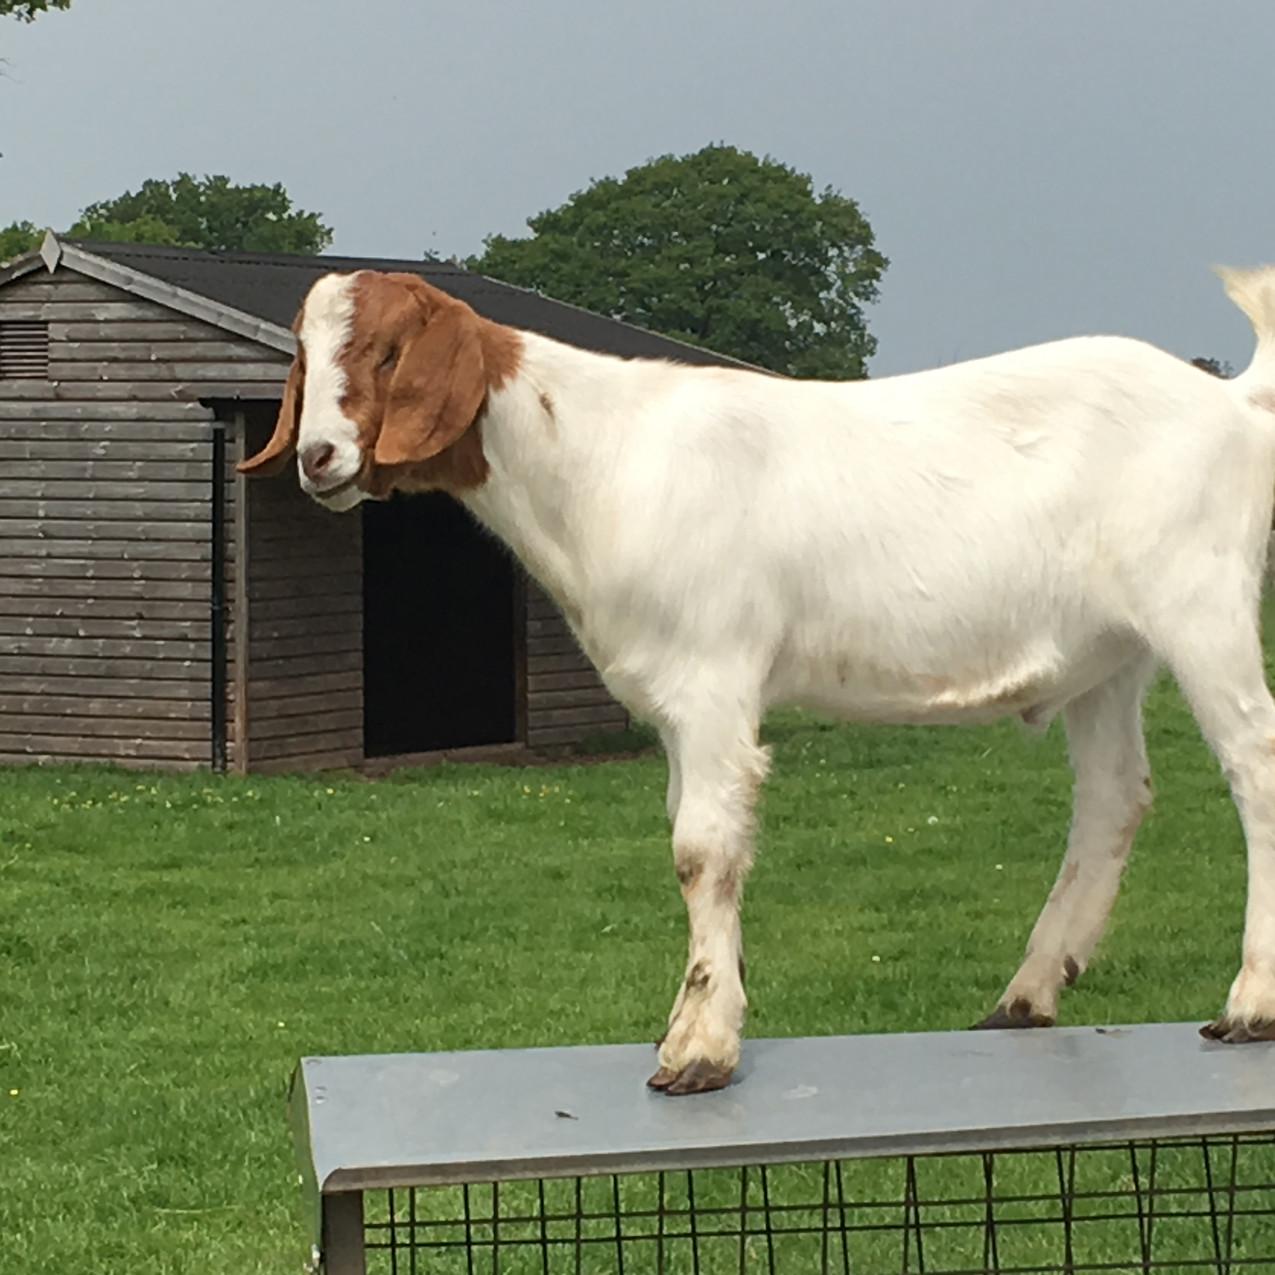 Mischievous goat